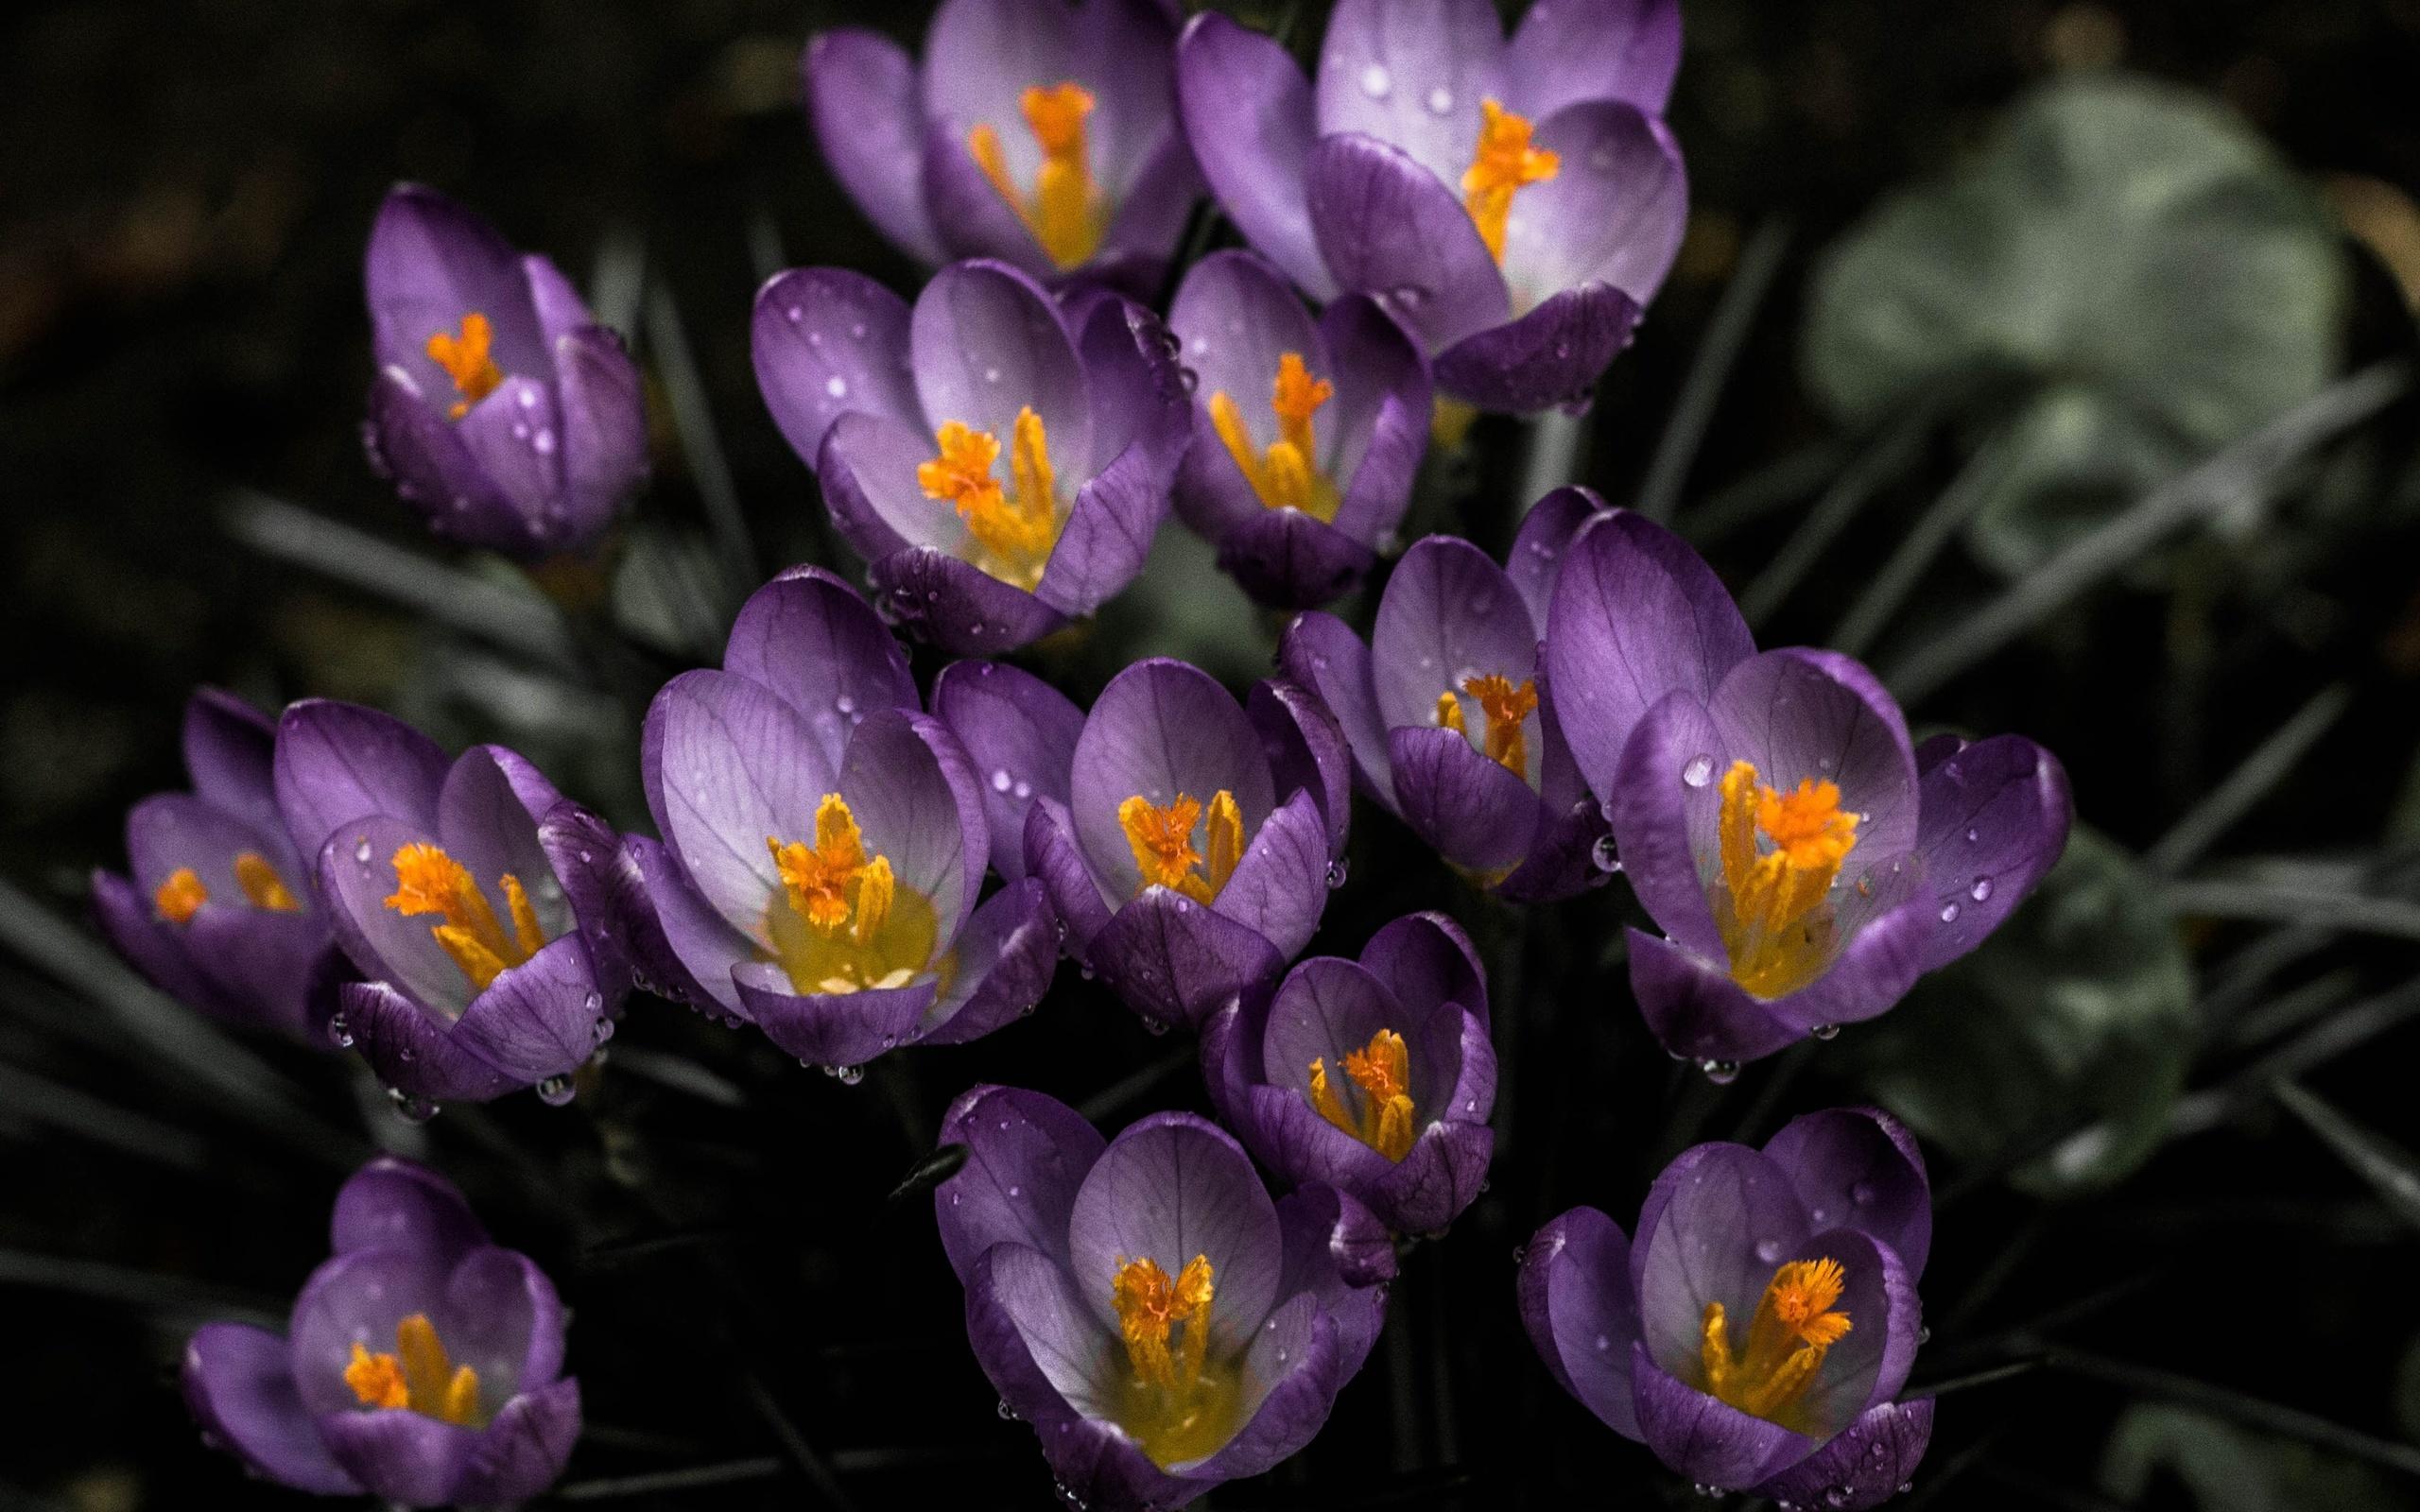 фото цветов подснежника крокуса мир вращался, богатые